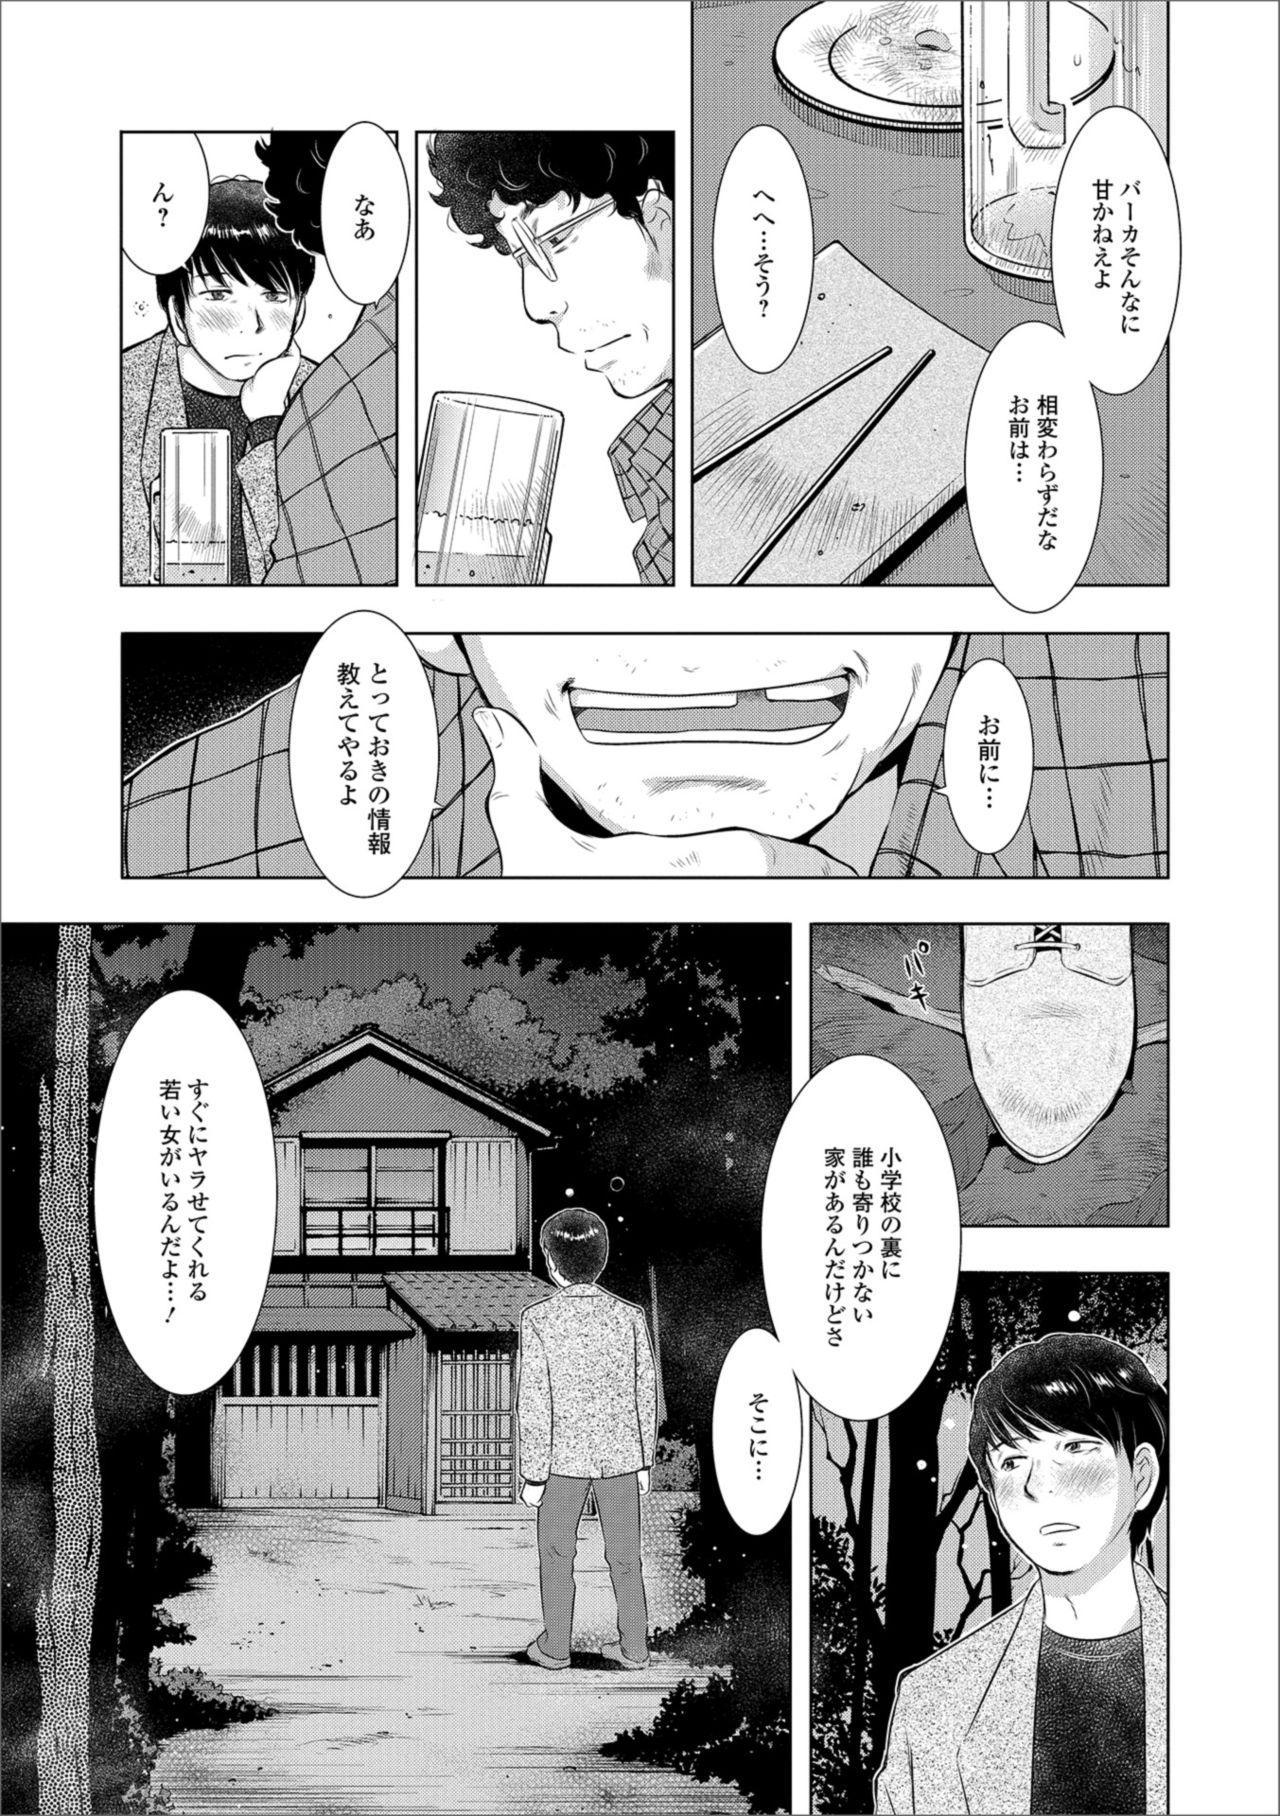 Web Haishin Gekkan Tonari no Kininaru Oku-san Vol. 019 46